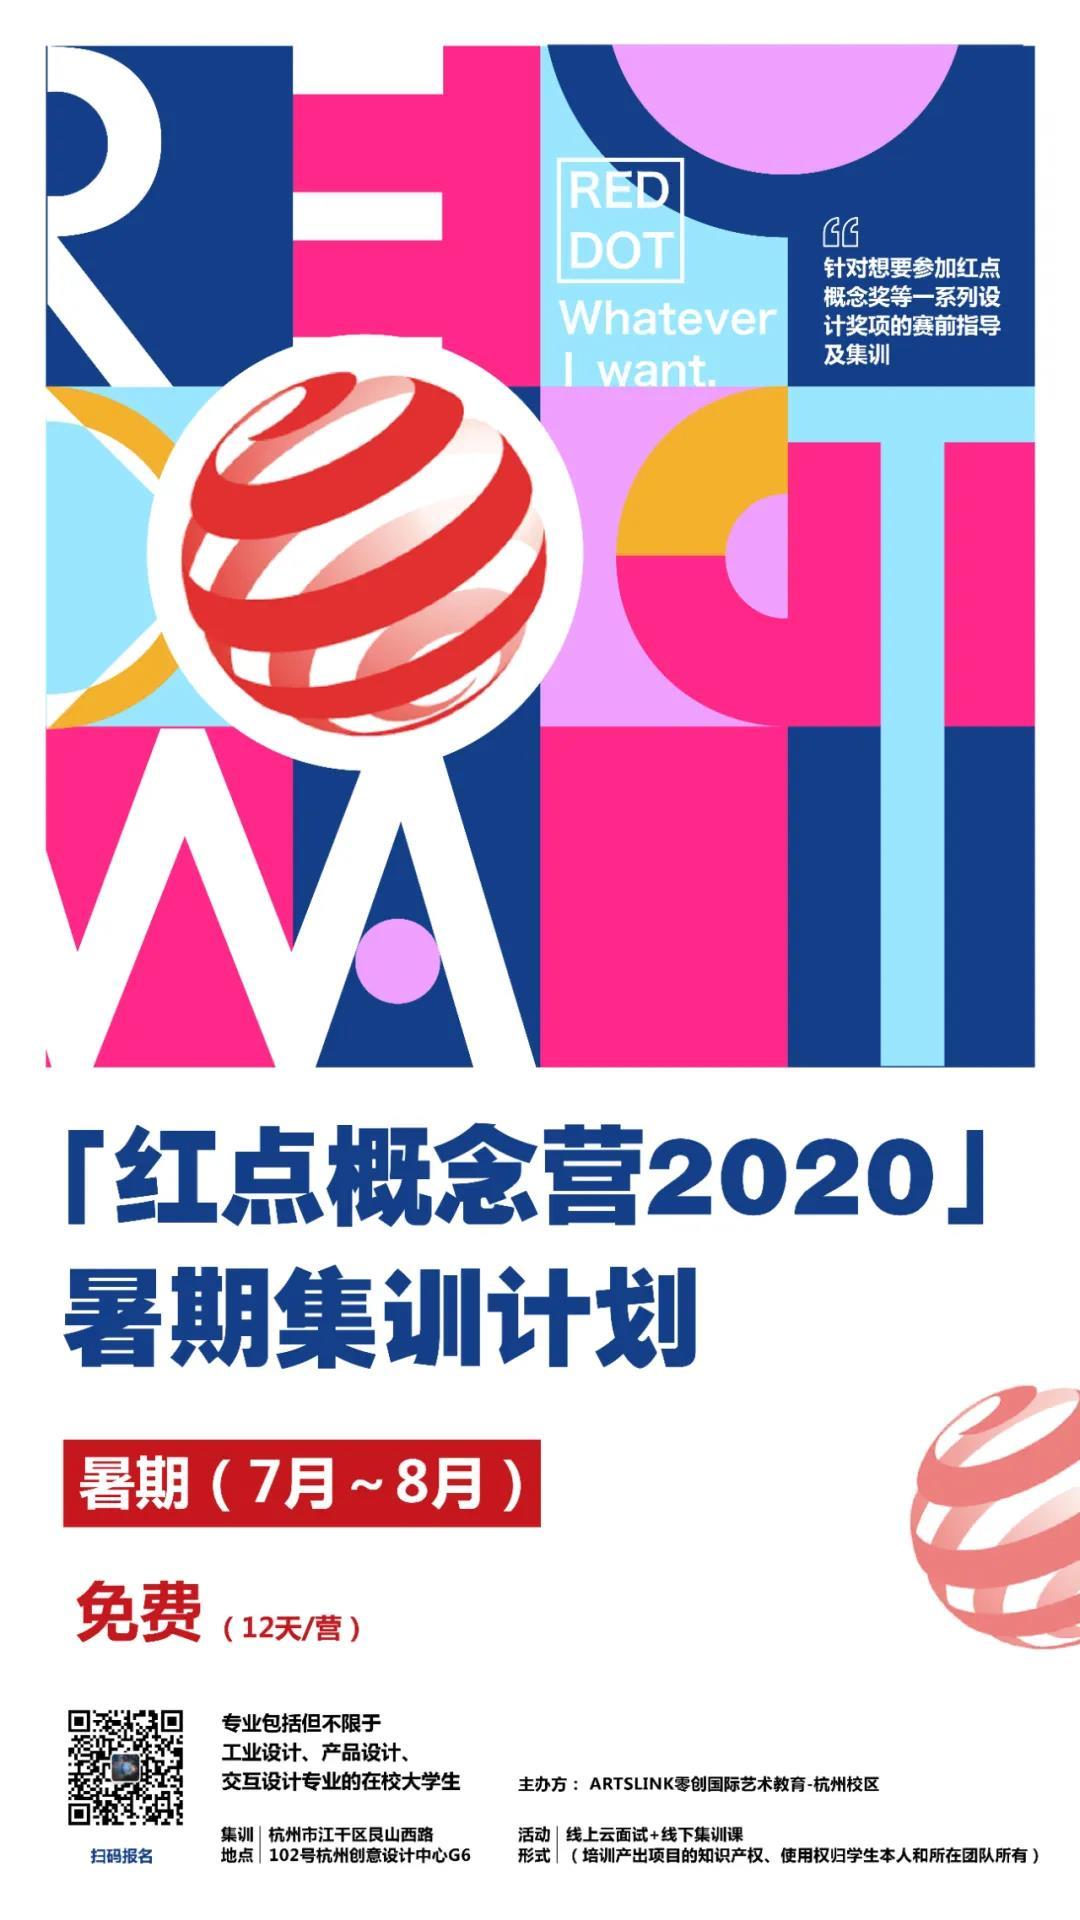 微信图片_20200522124902.jpg